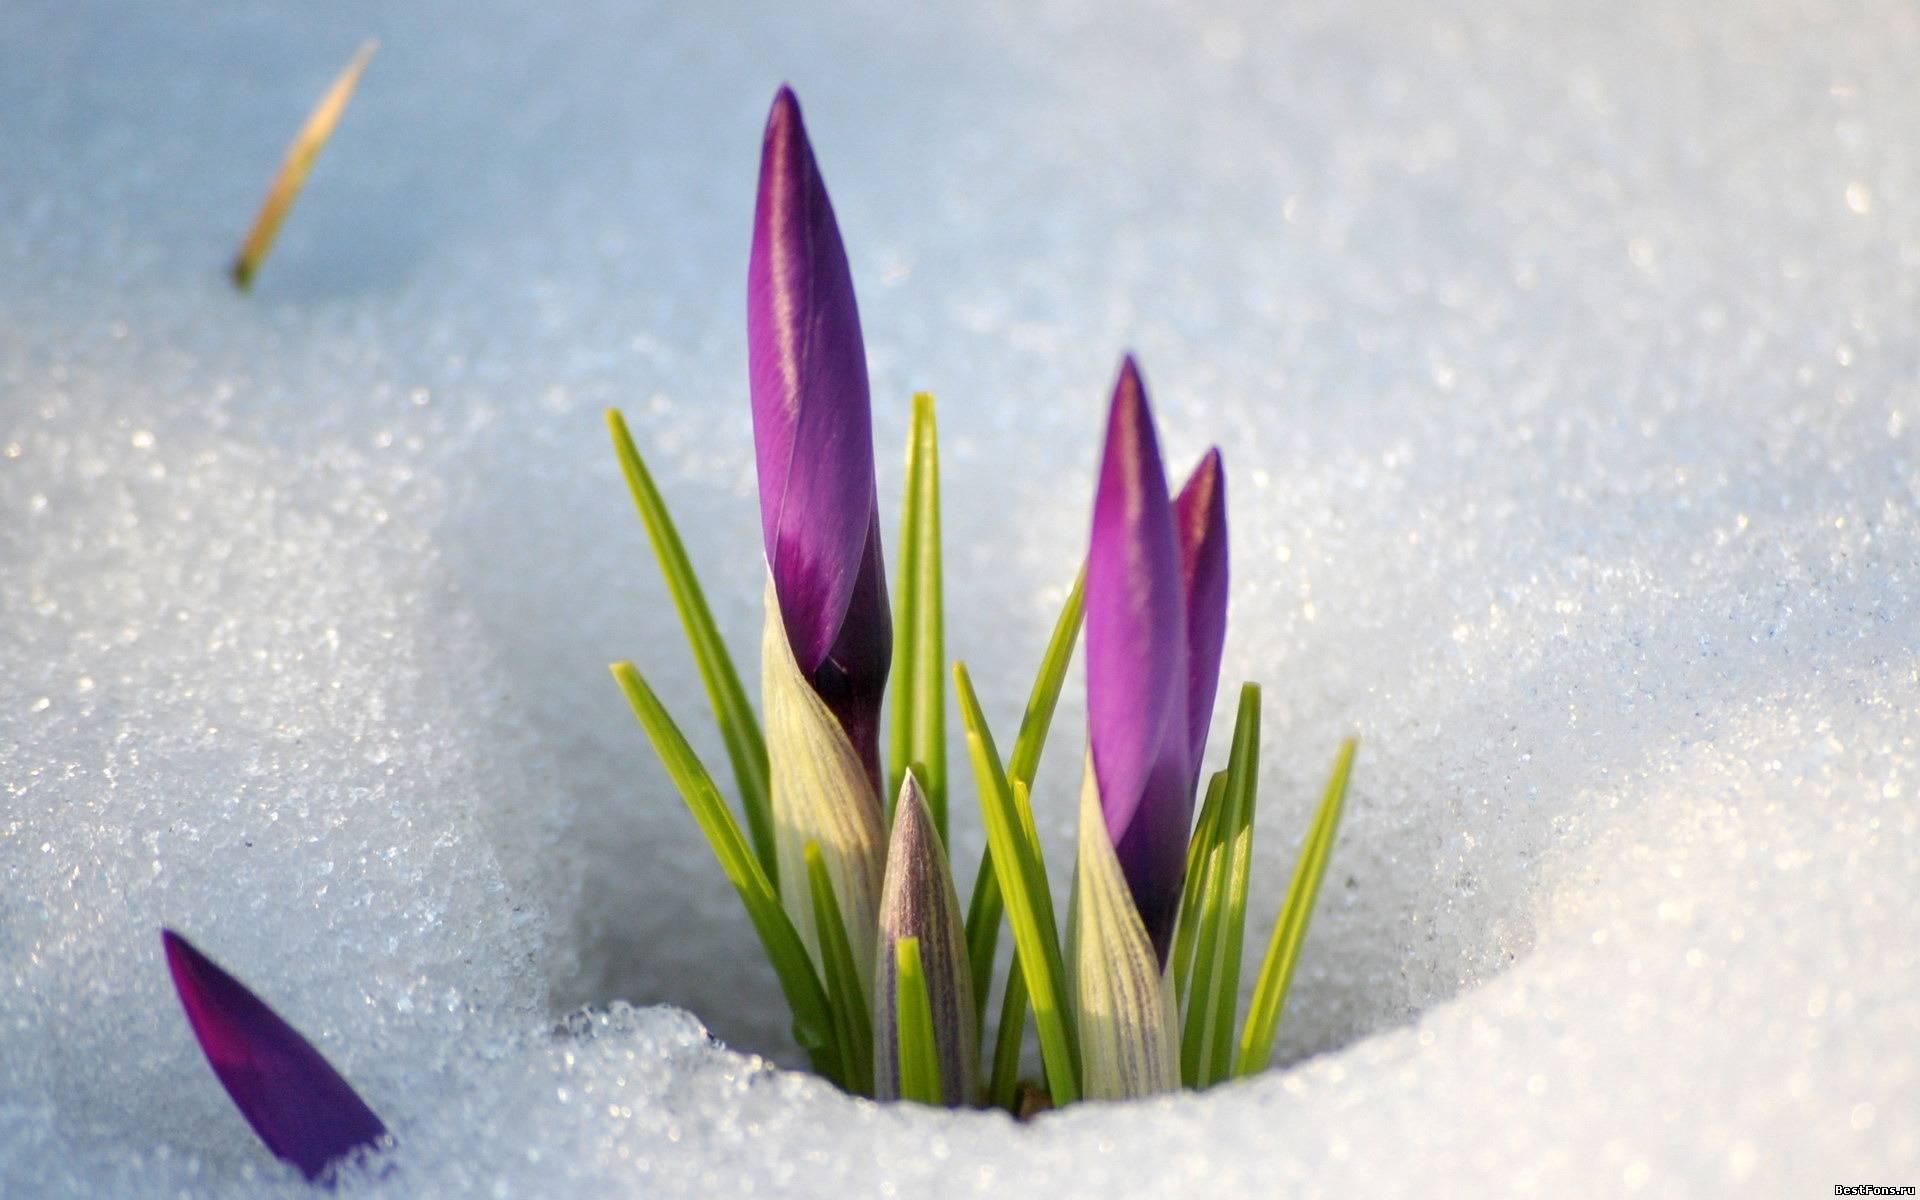 16200 скачать обои Растения, Зима, Цветы, Снег - заставки и картинки бесплатно